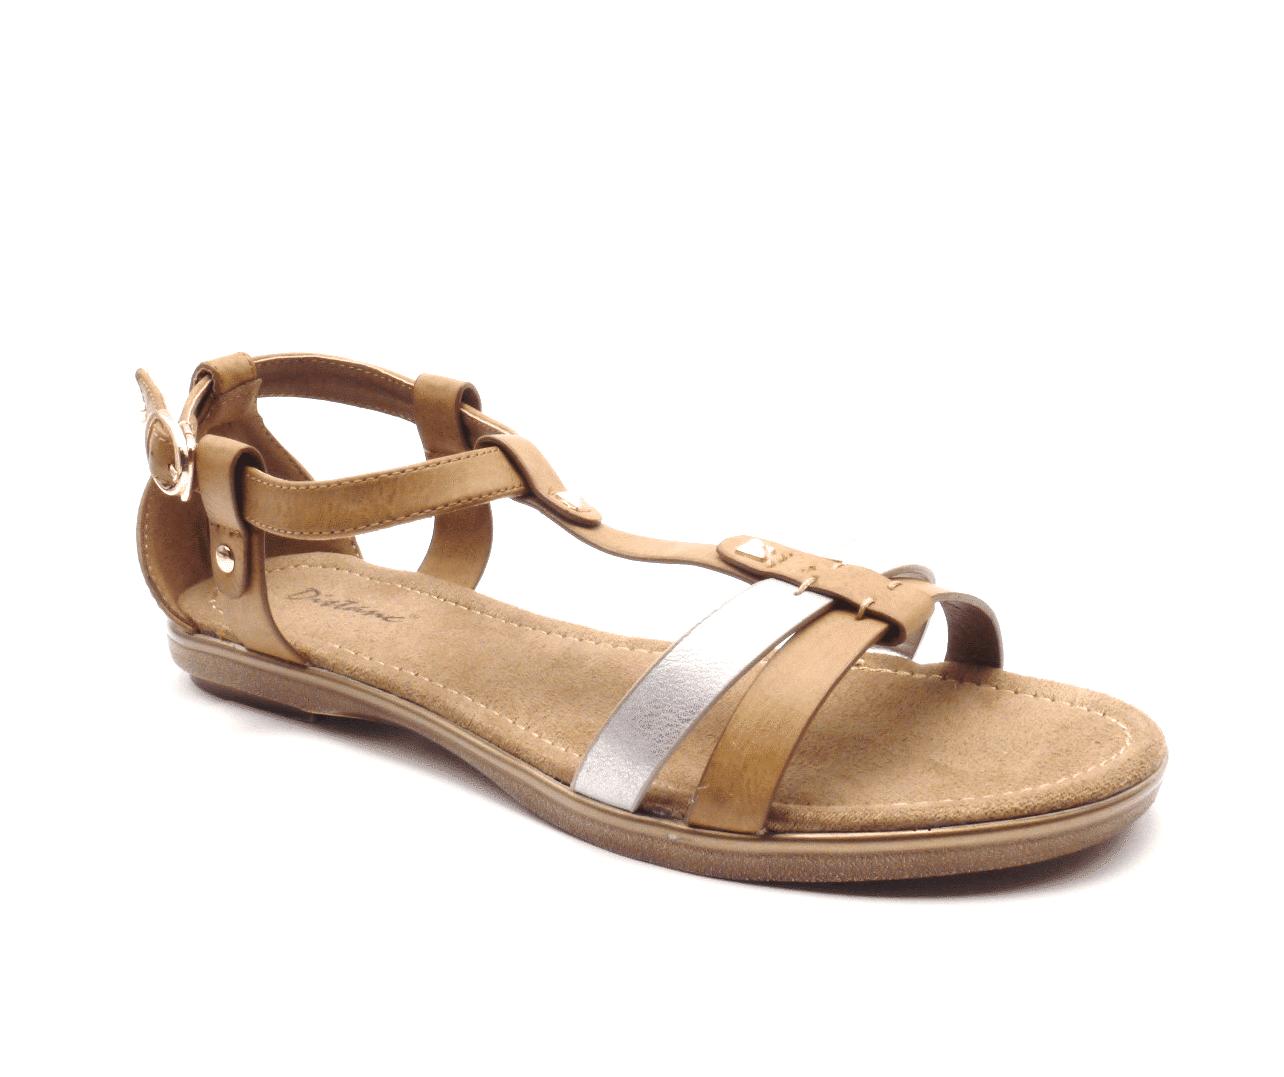 John Garfield Dámské zajímavé sandály LO552495-0-49 Velikost: 37